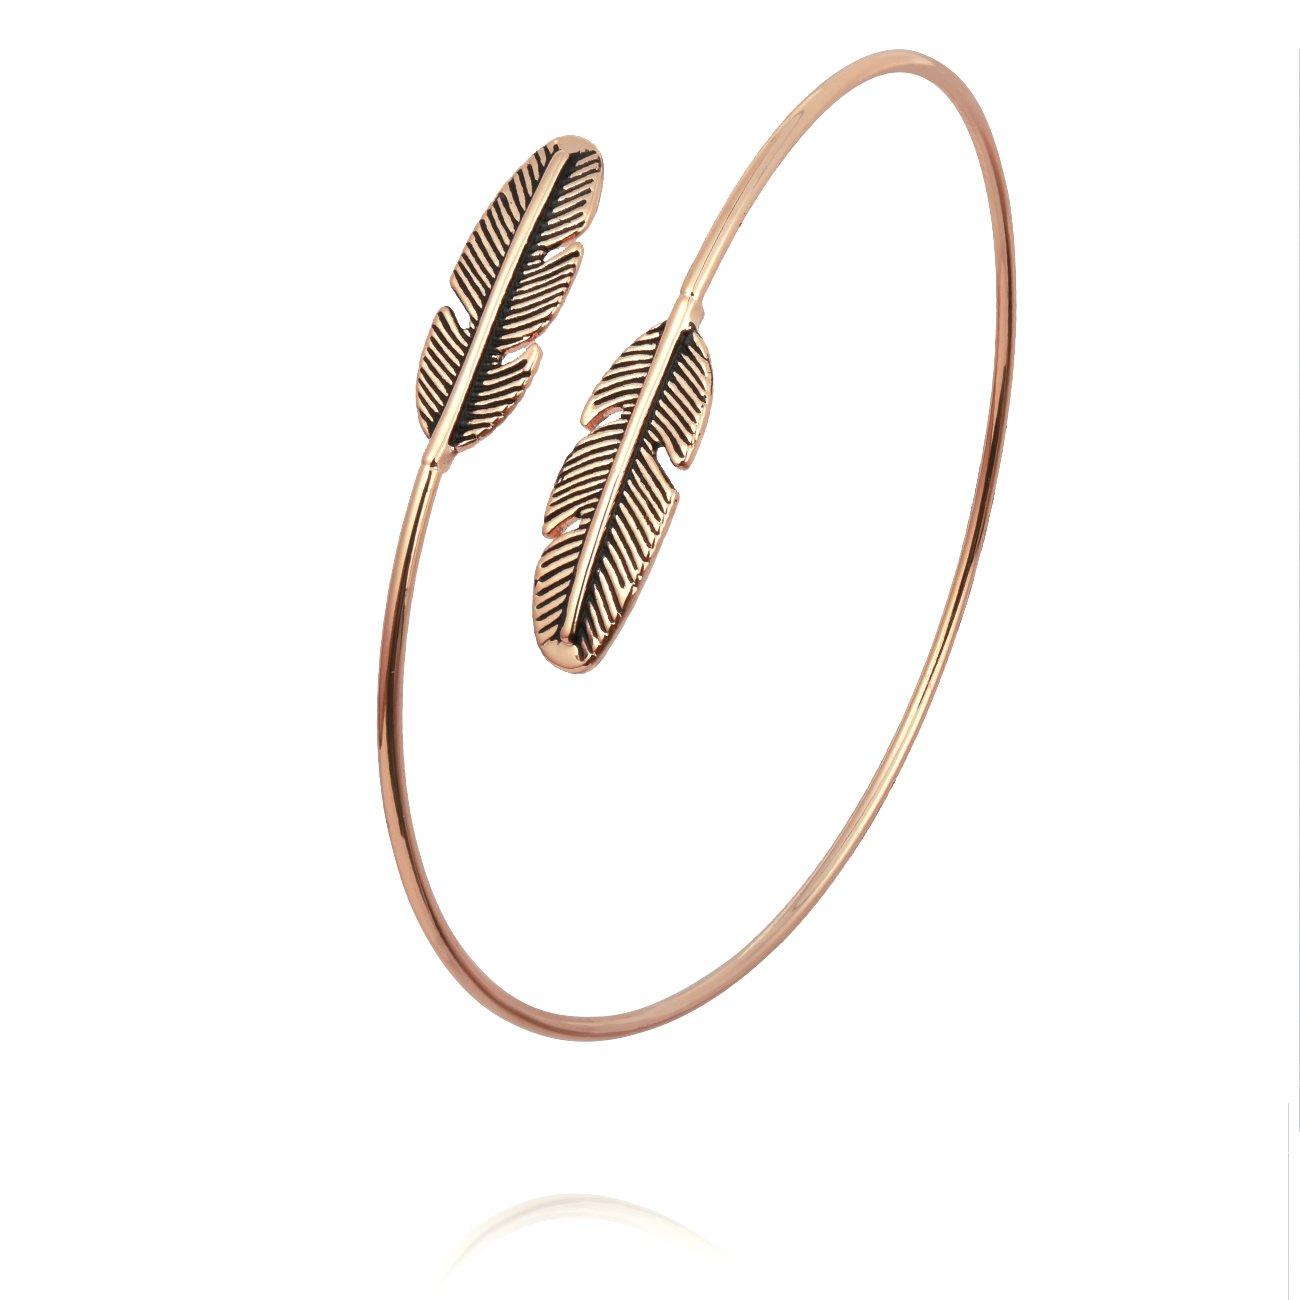 PANGRUI Antique Simple Feathers Charm Arm Bangle Bracelet